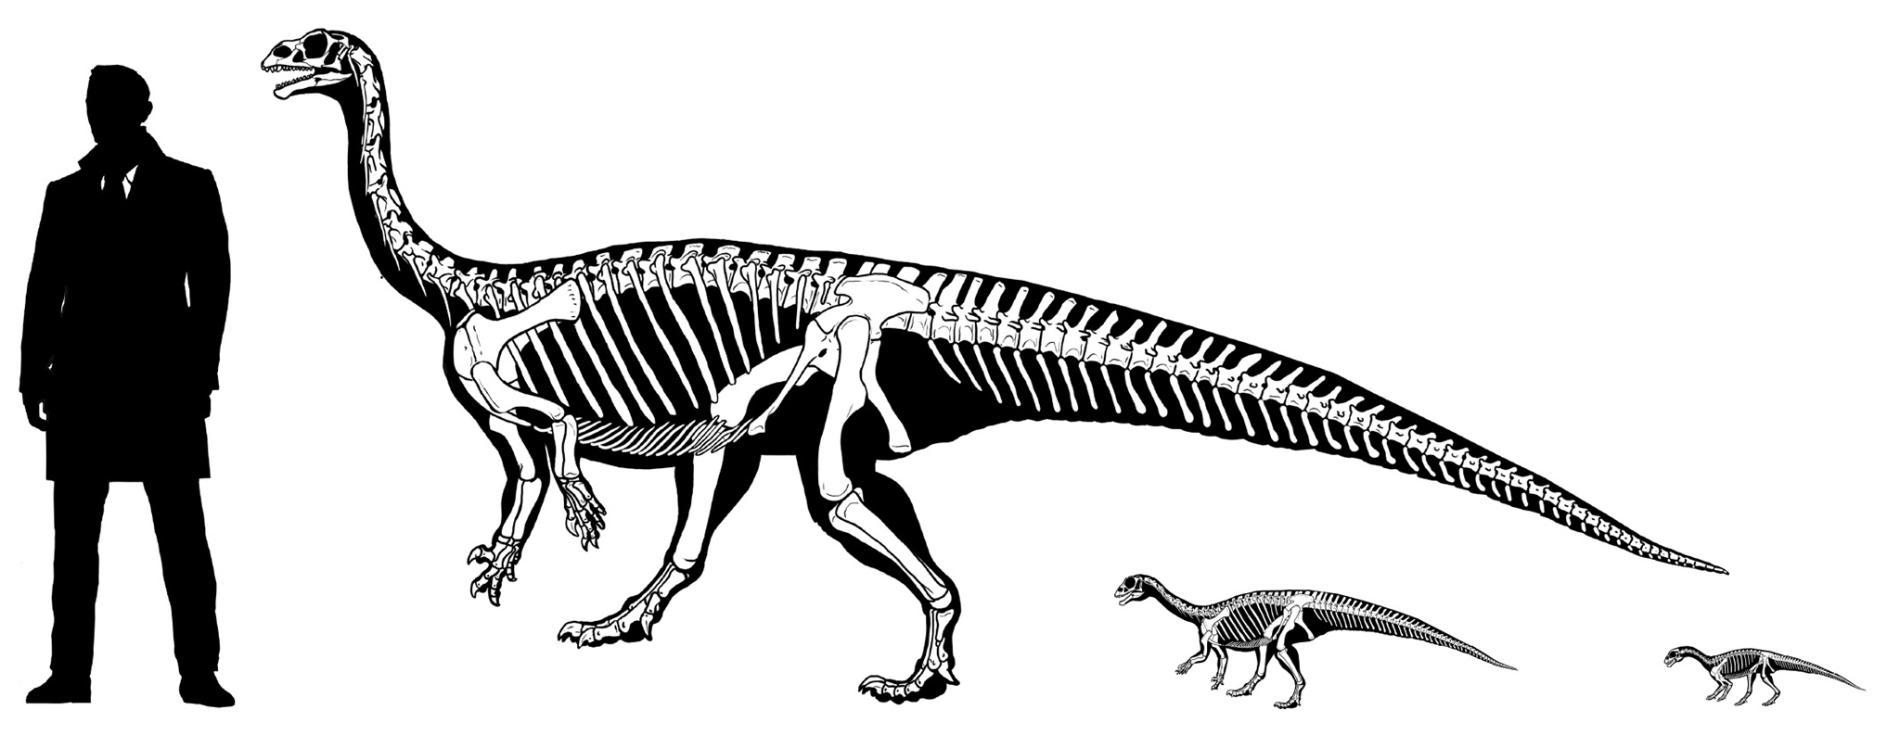 鼠龍剛孵化的時候以四足行走。不過這種恐龍的身體質量中心會隨著生長而改變,牠的運動方式會變為雙腿步行。 ILLUSTRATION BY GONZÁLEZ